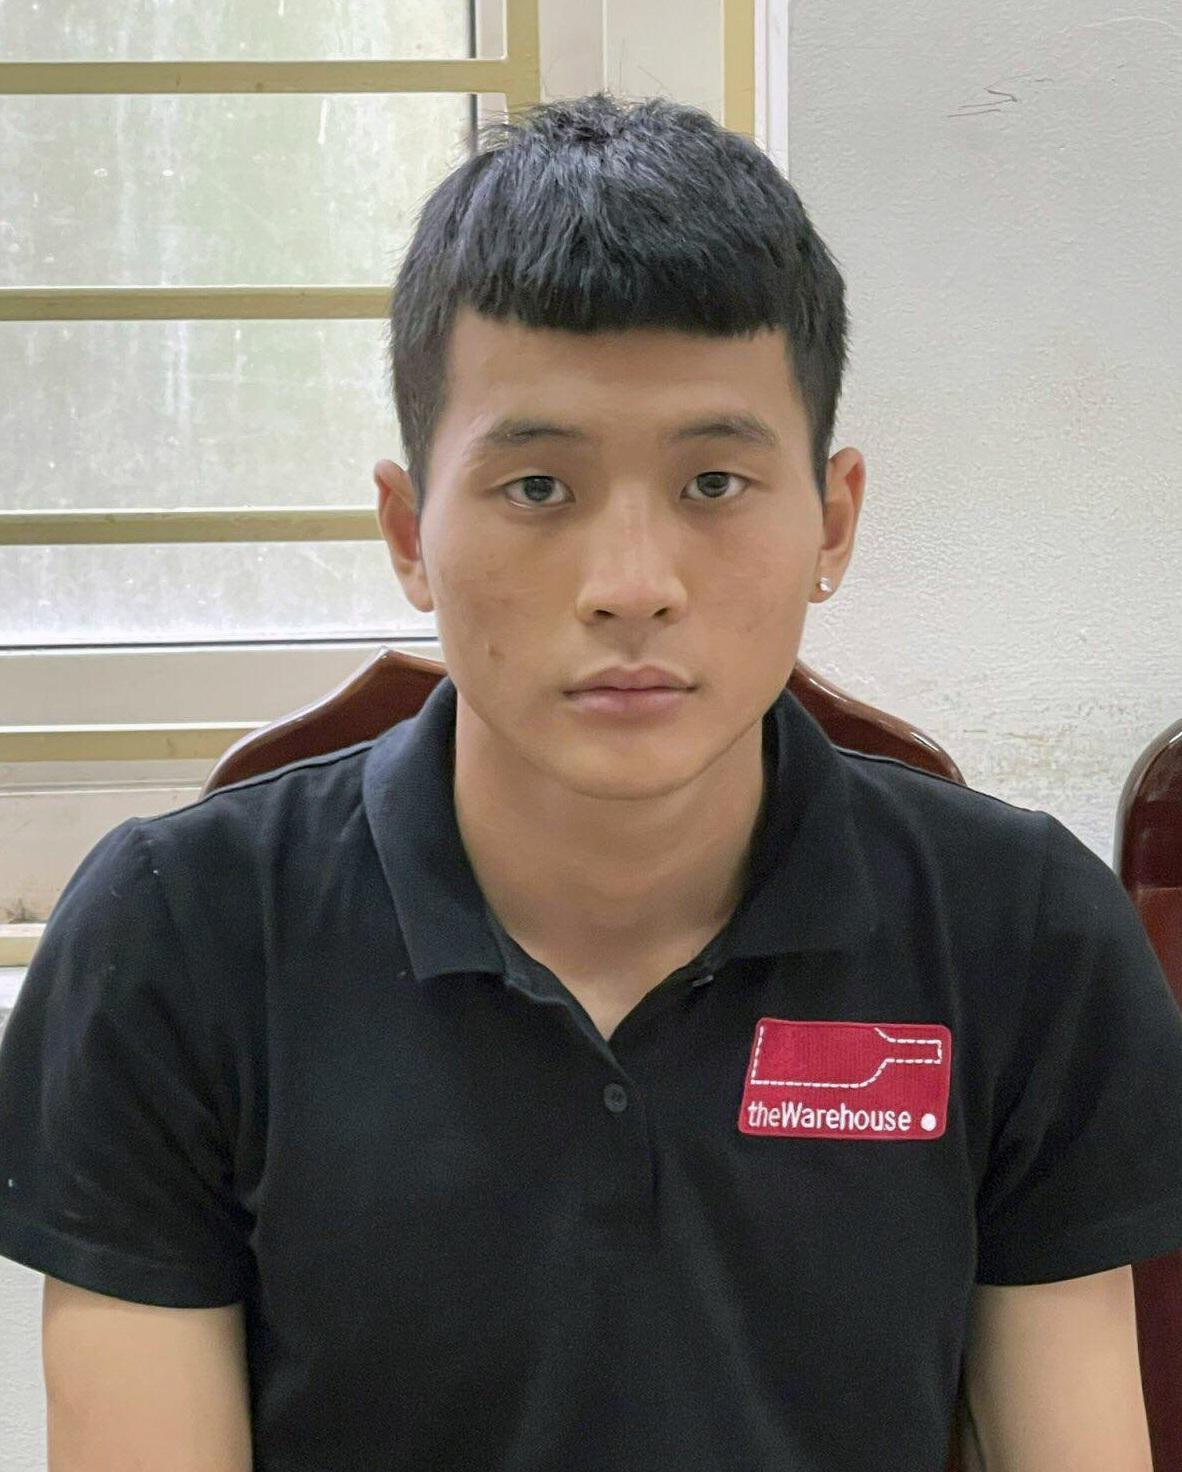 Thiếu nữ 17 tuổi bị bắt vì liên quan vụ cướp xe của nữ lao công ở Hà Nội